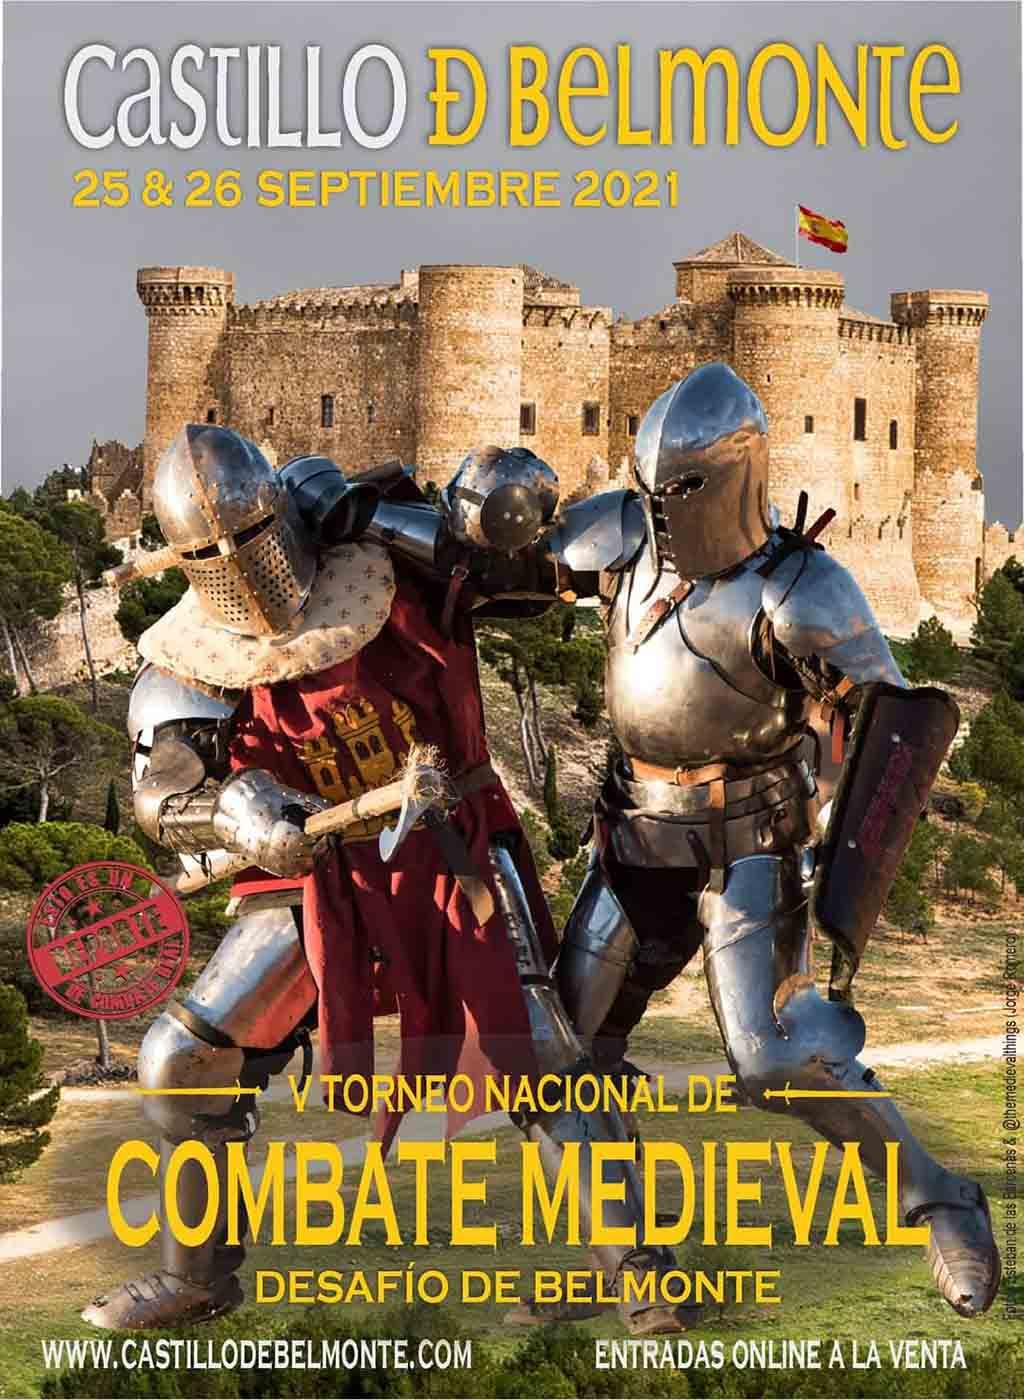 V Torneo Nacional de Combate Medieval (Cuenca) @ Castillo de Belmonte